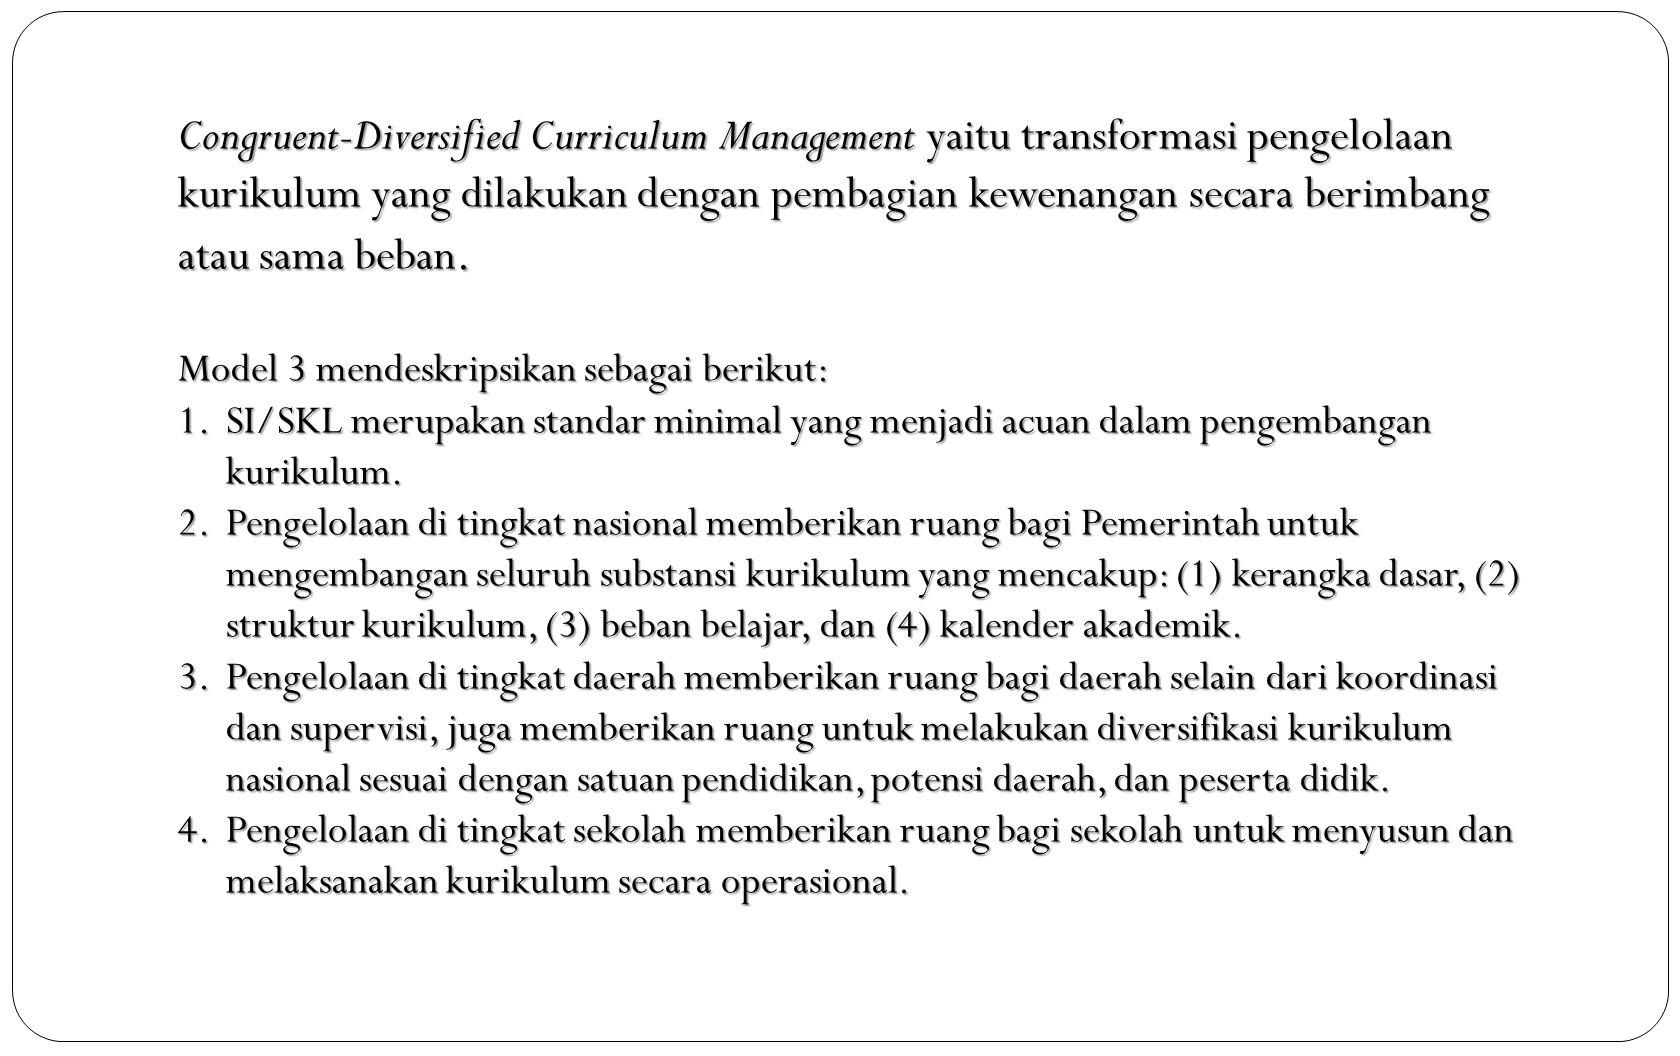 Congruent-Diversified Curriculum Management yaitu transformasi pengelolaan kurikulum yang dilakukan dengan pembagian kewenangan secara berimbang atau sama beban.